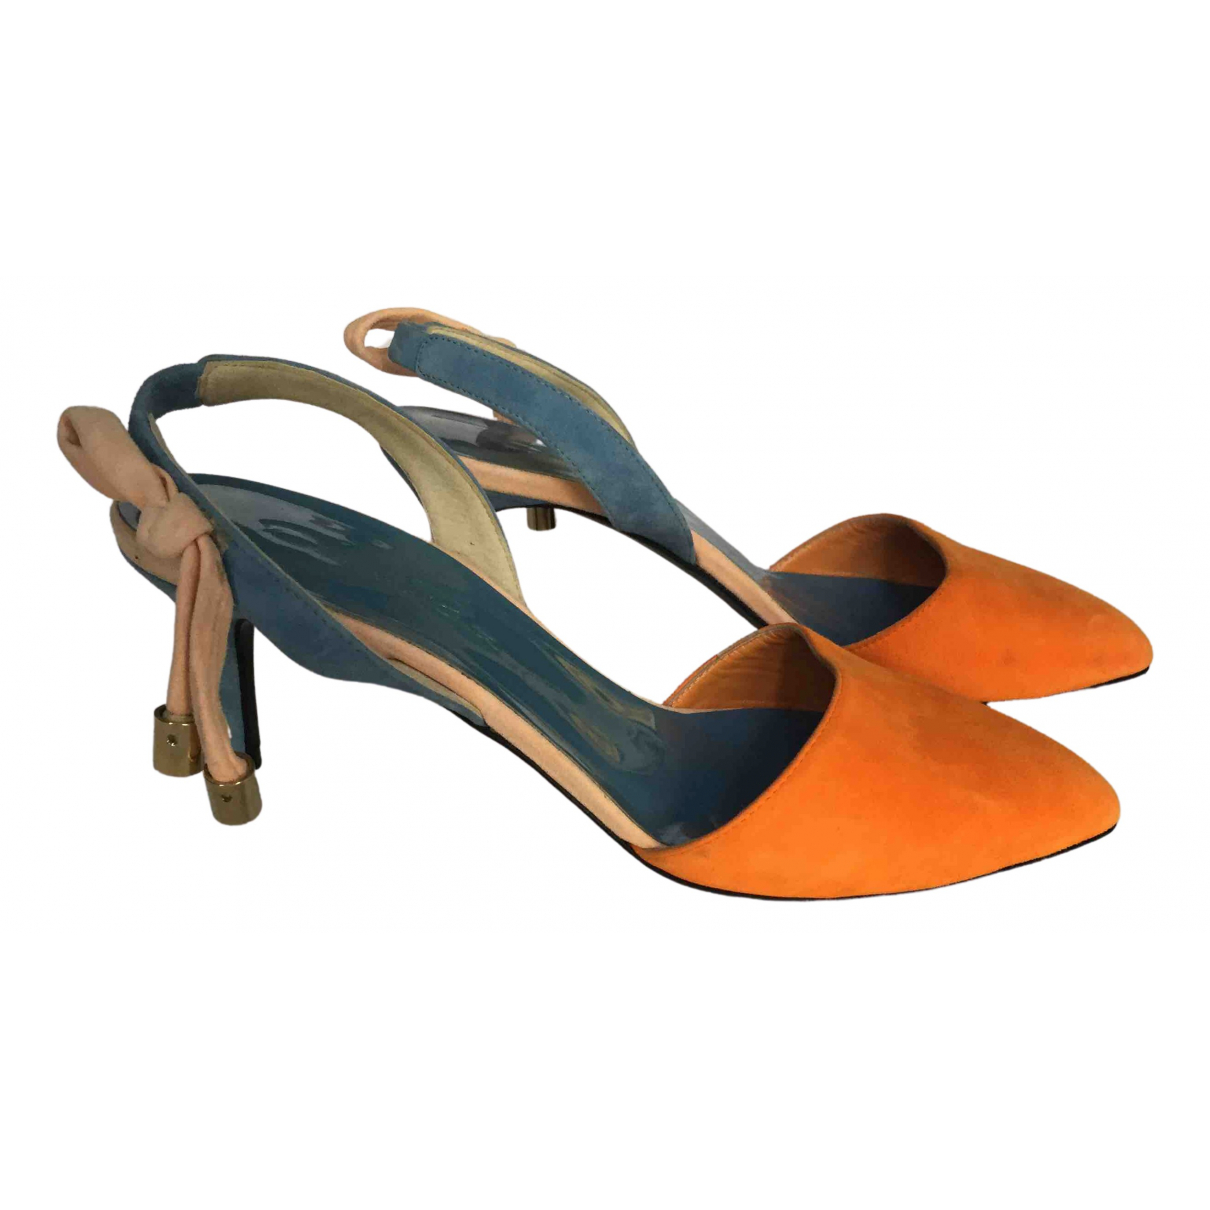 Oscar De La Renta N Orange Suede Heels for Women 37 IT